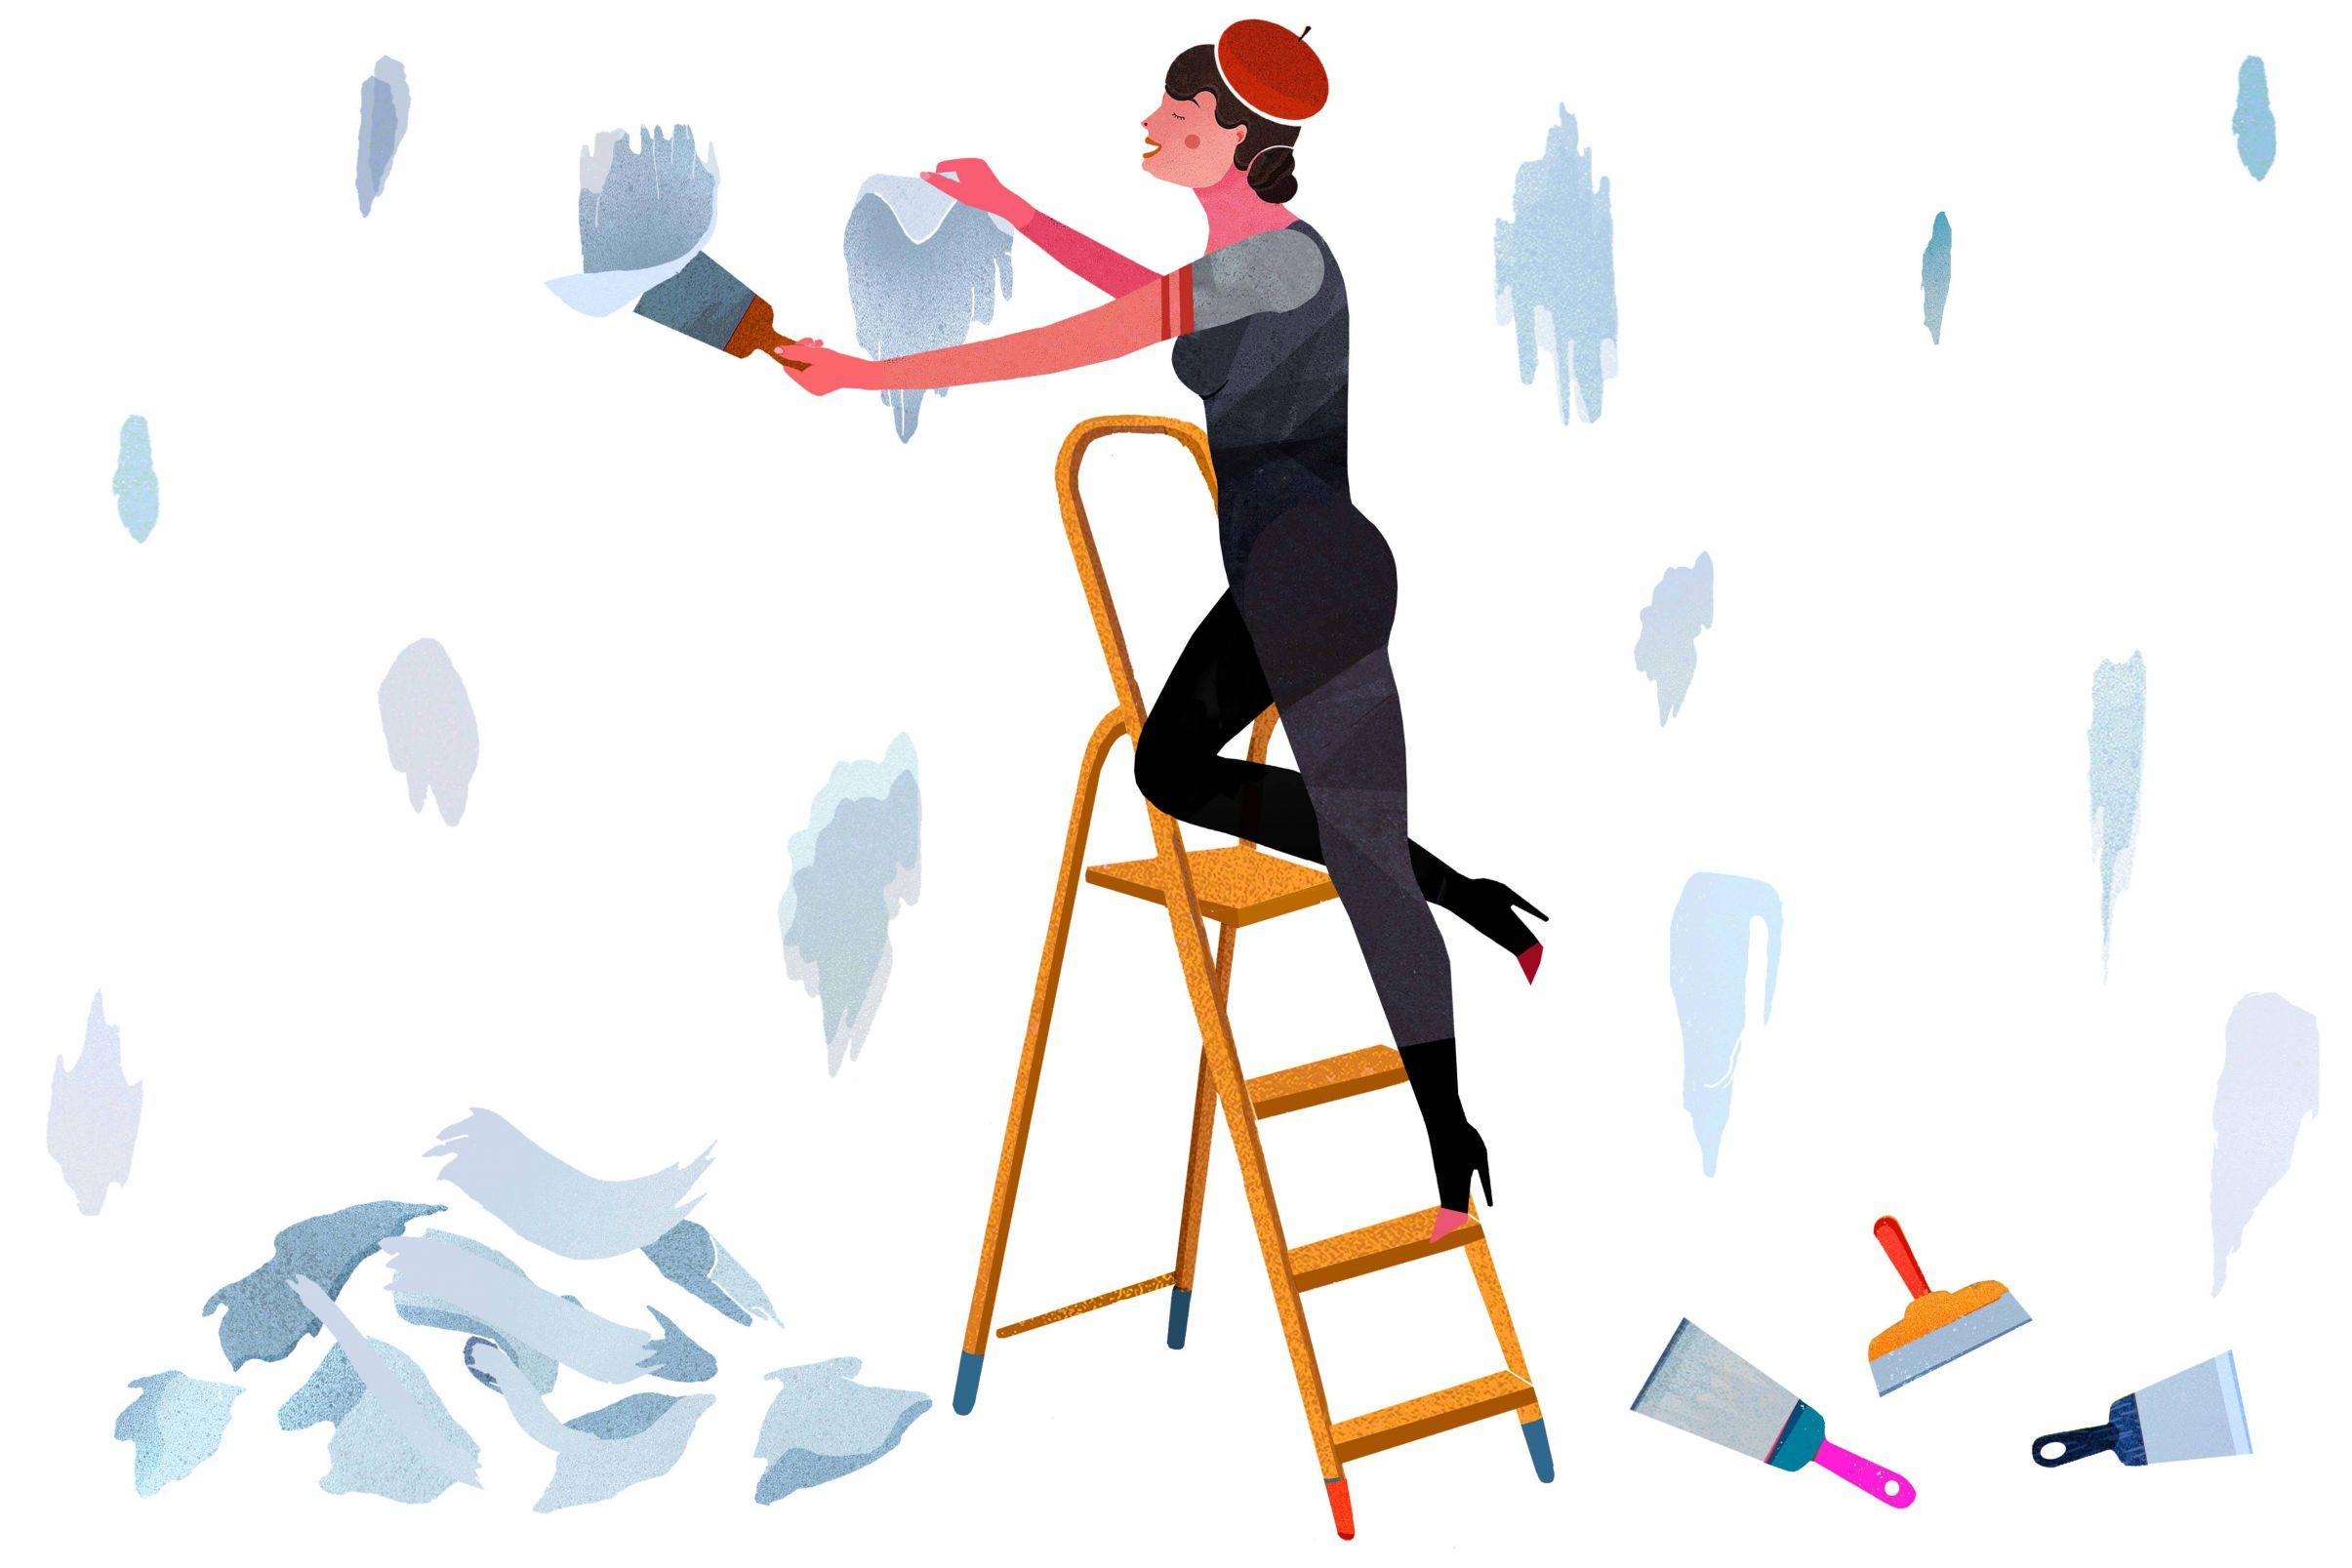 Comment-decoller-un-vieux-papier-peint-Enlever-les-morceaux-de-papier-peint-avec-une-spatule